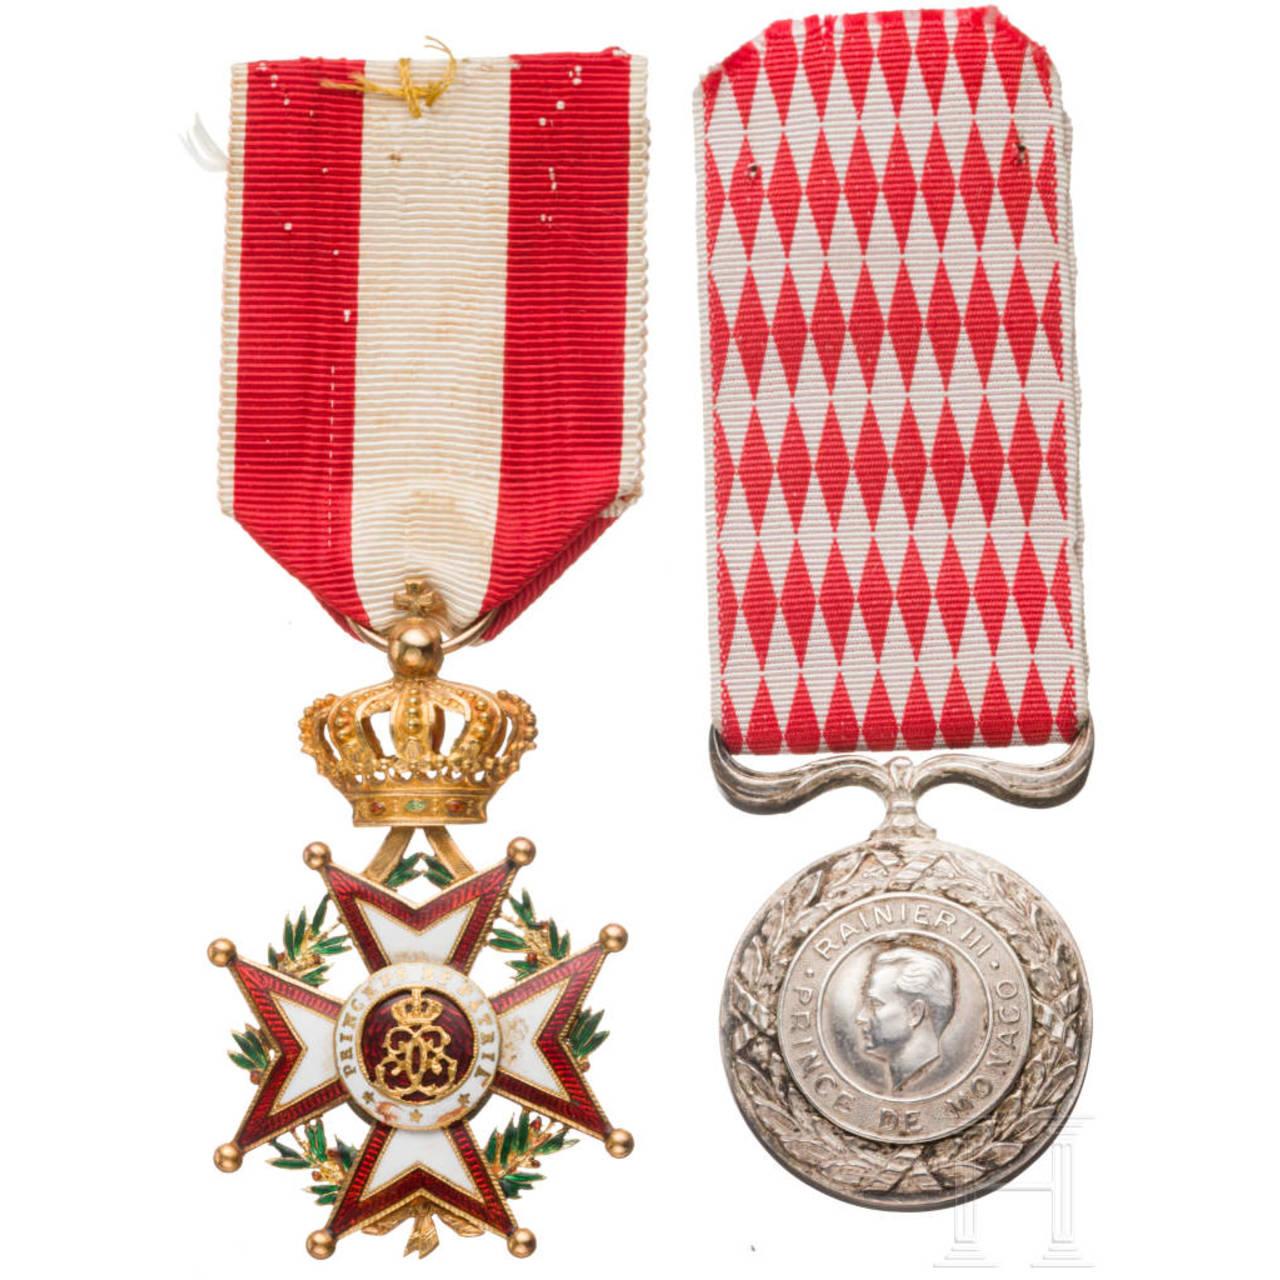 Ordre de Saint-Charles - Ritterkreuz 2. Typ